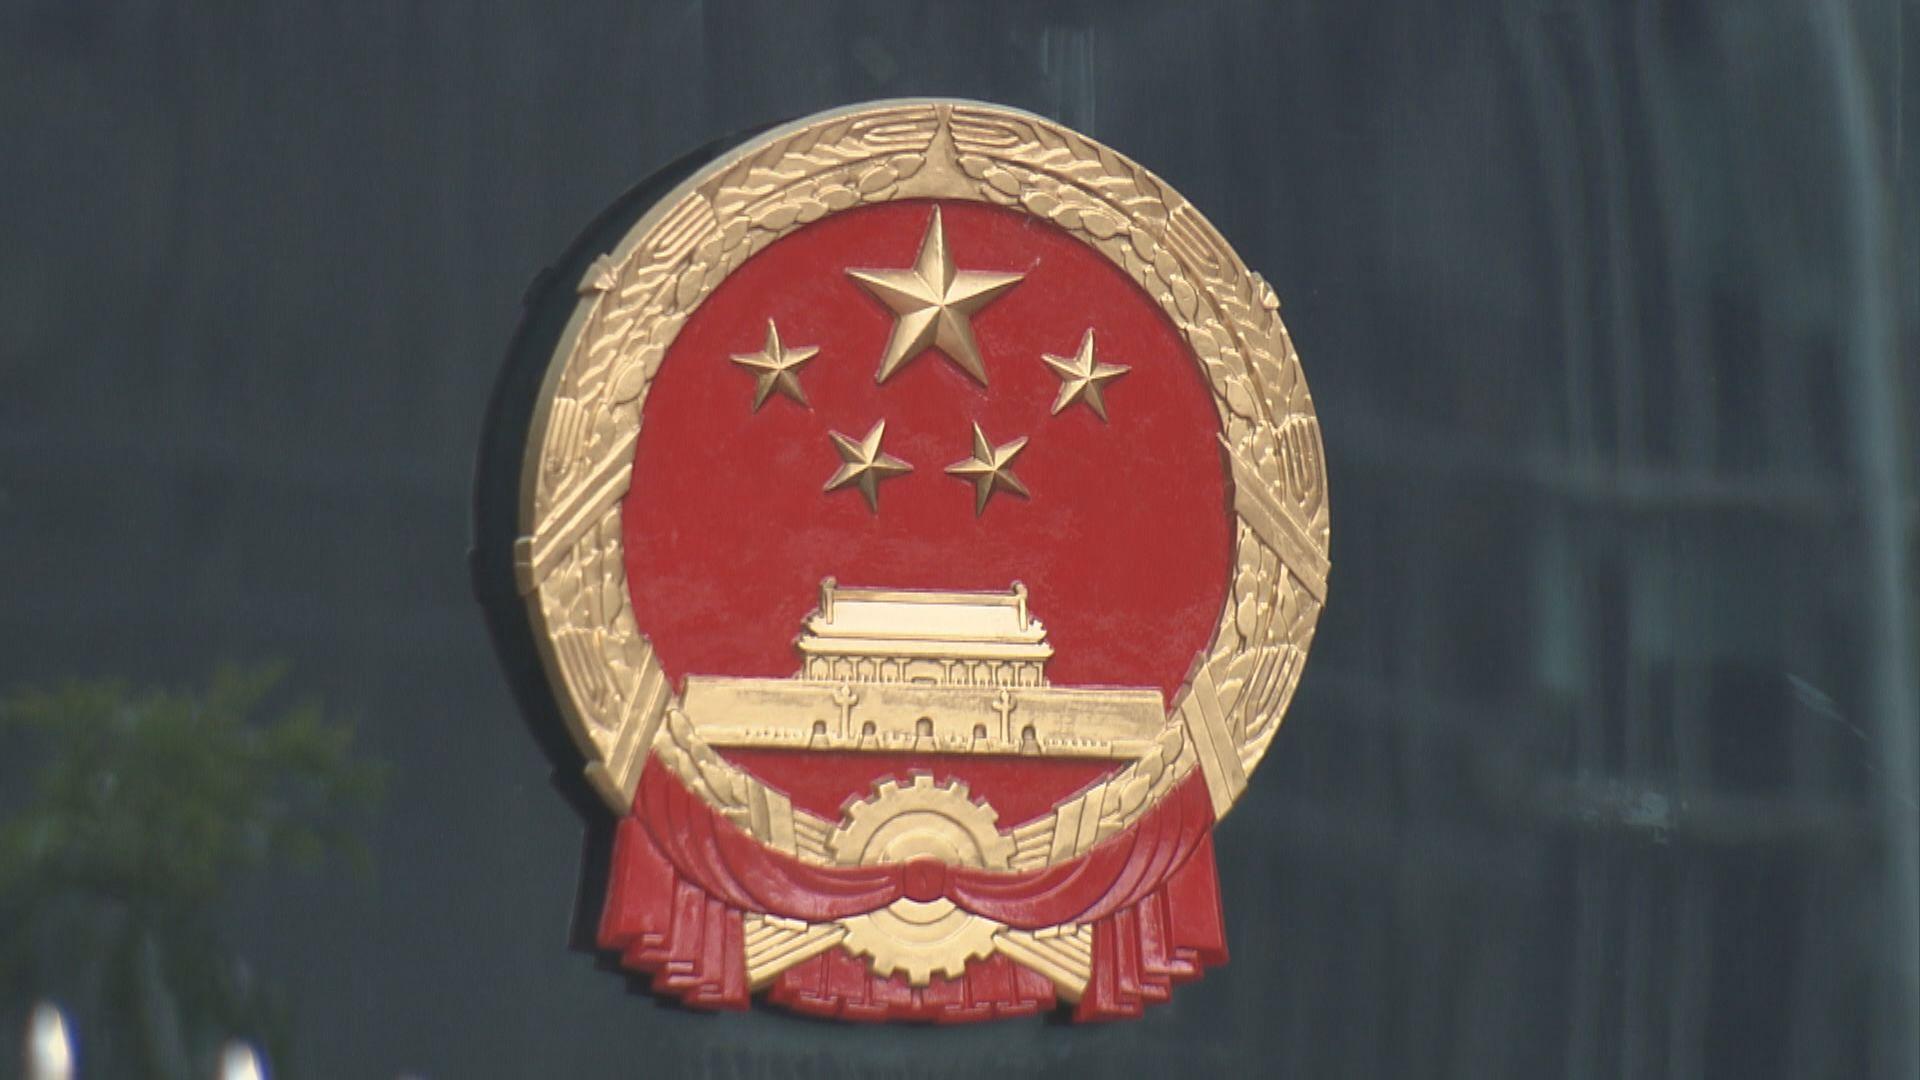 外交部駐港公署對美國涉港備忘錄表示強烈譴責